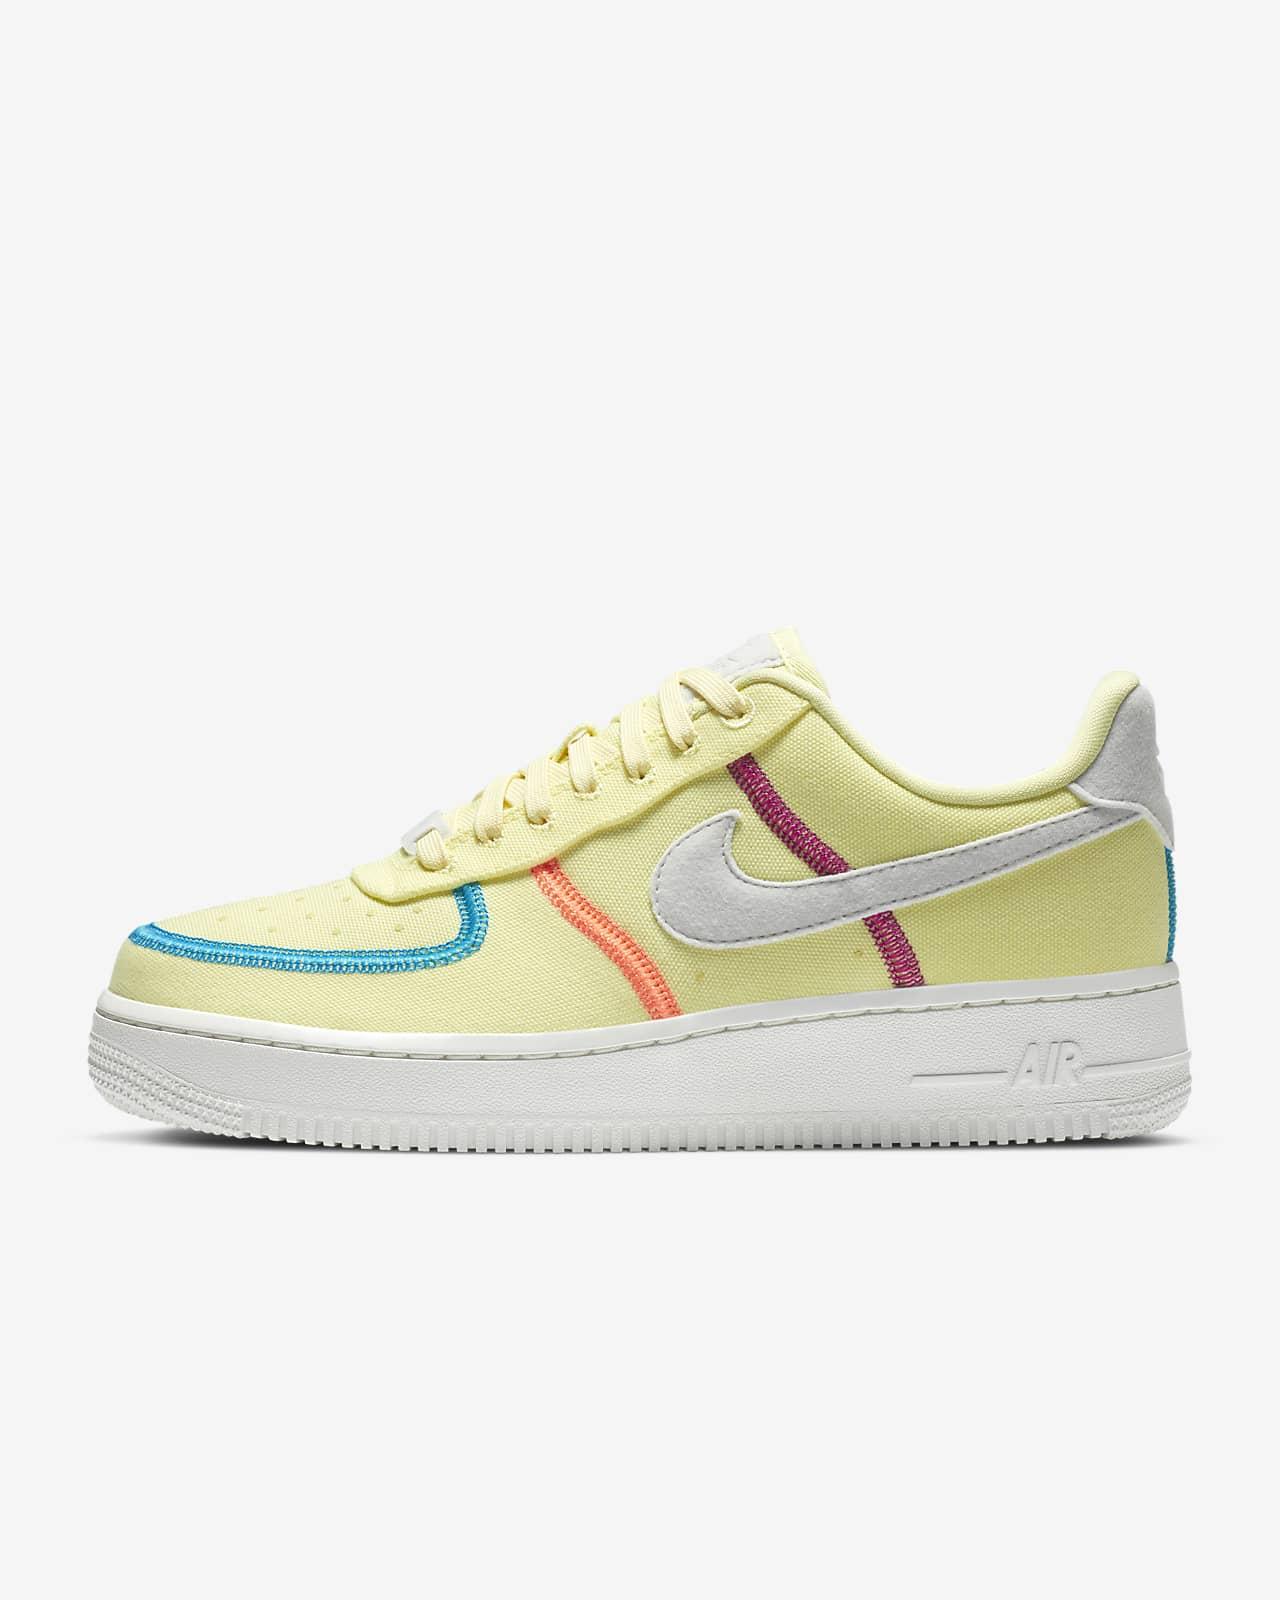 Nike Air Force 1 '07 LX 女鞋